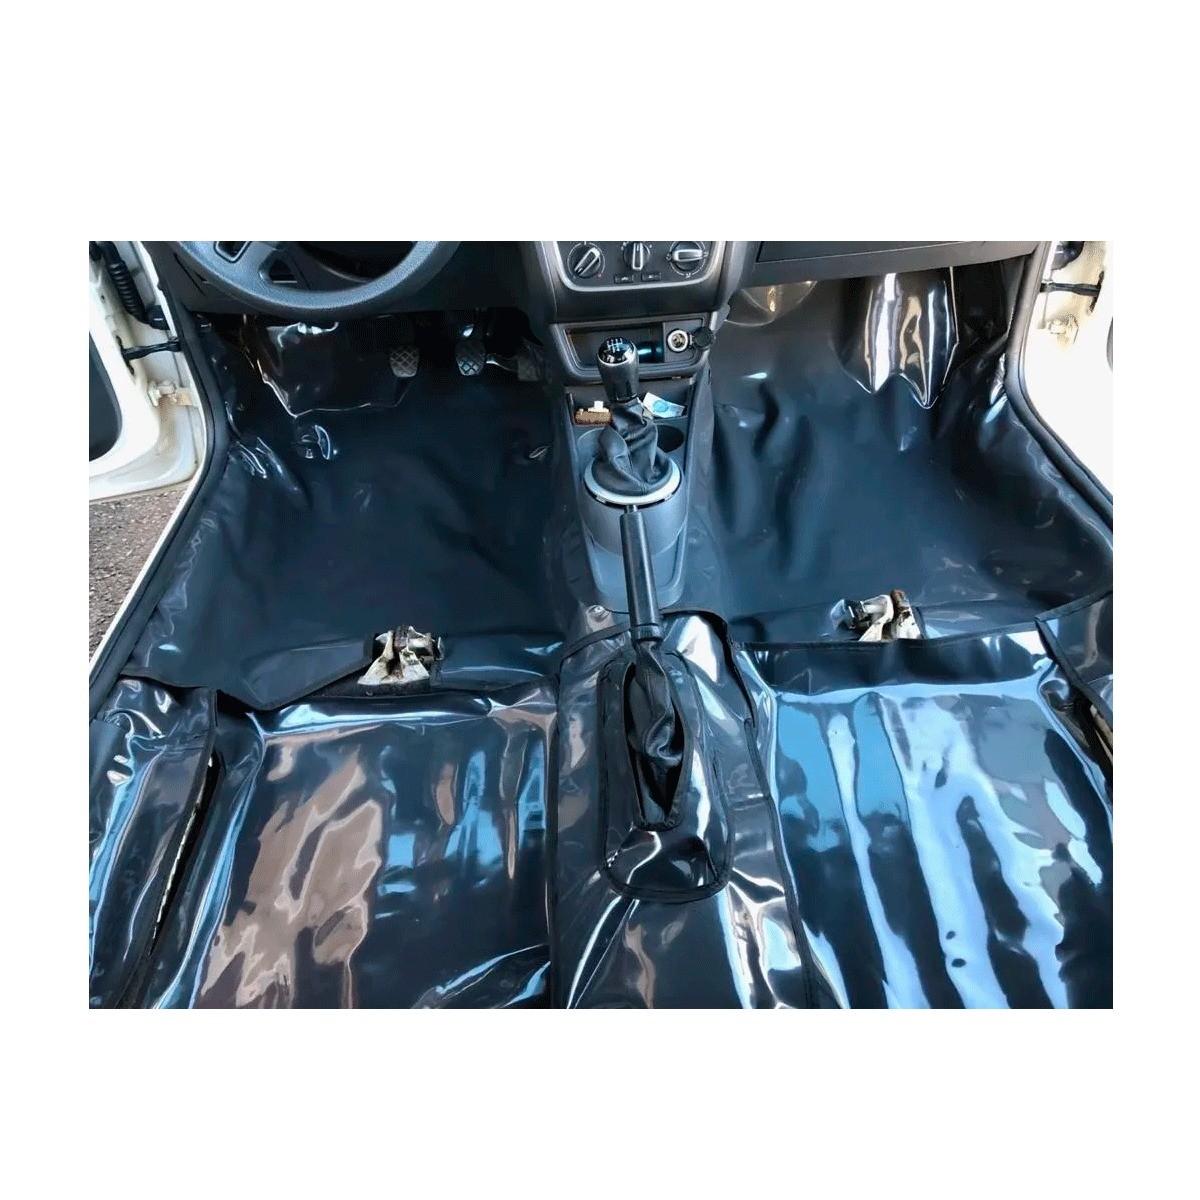 Tapete Proteção Assoalho do Renault Sandero 2008 a 2012 em Vinil Verniz Impermeável